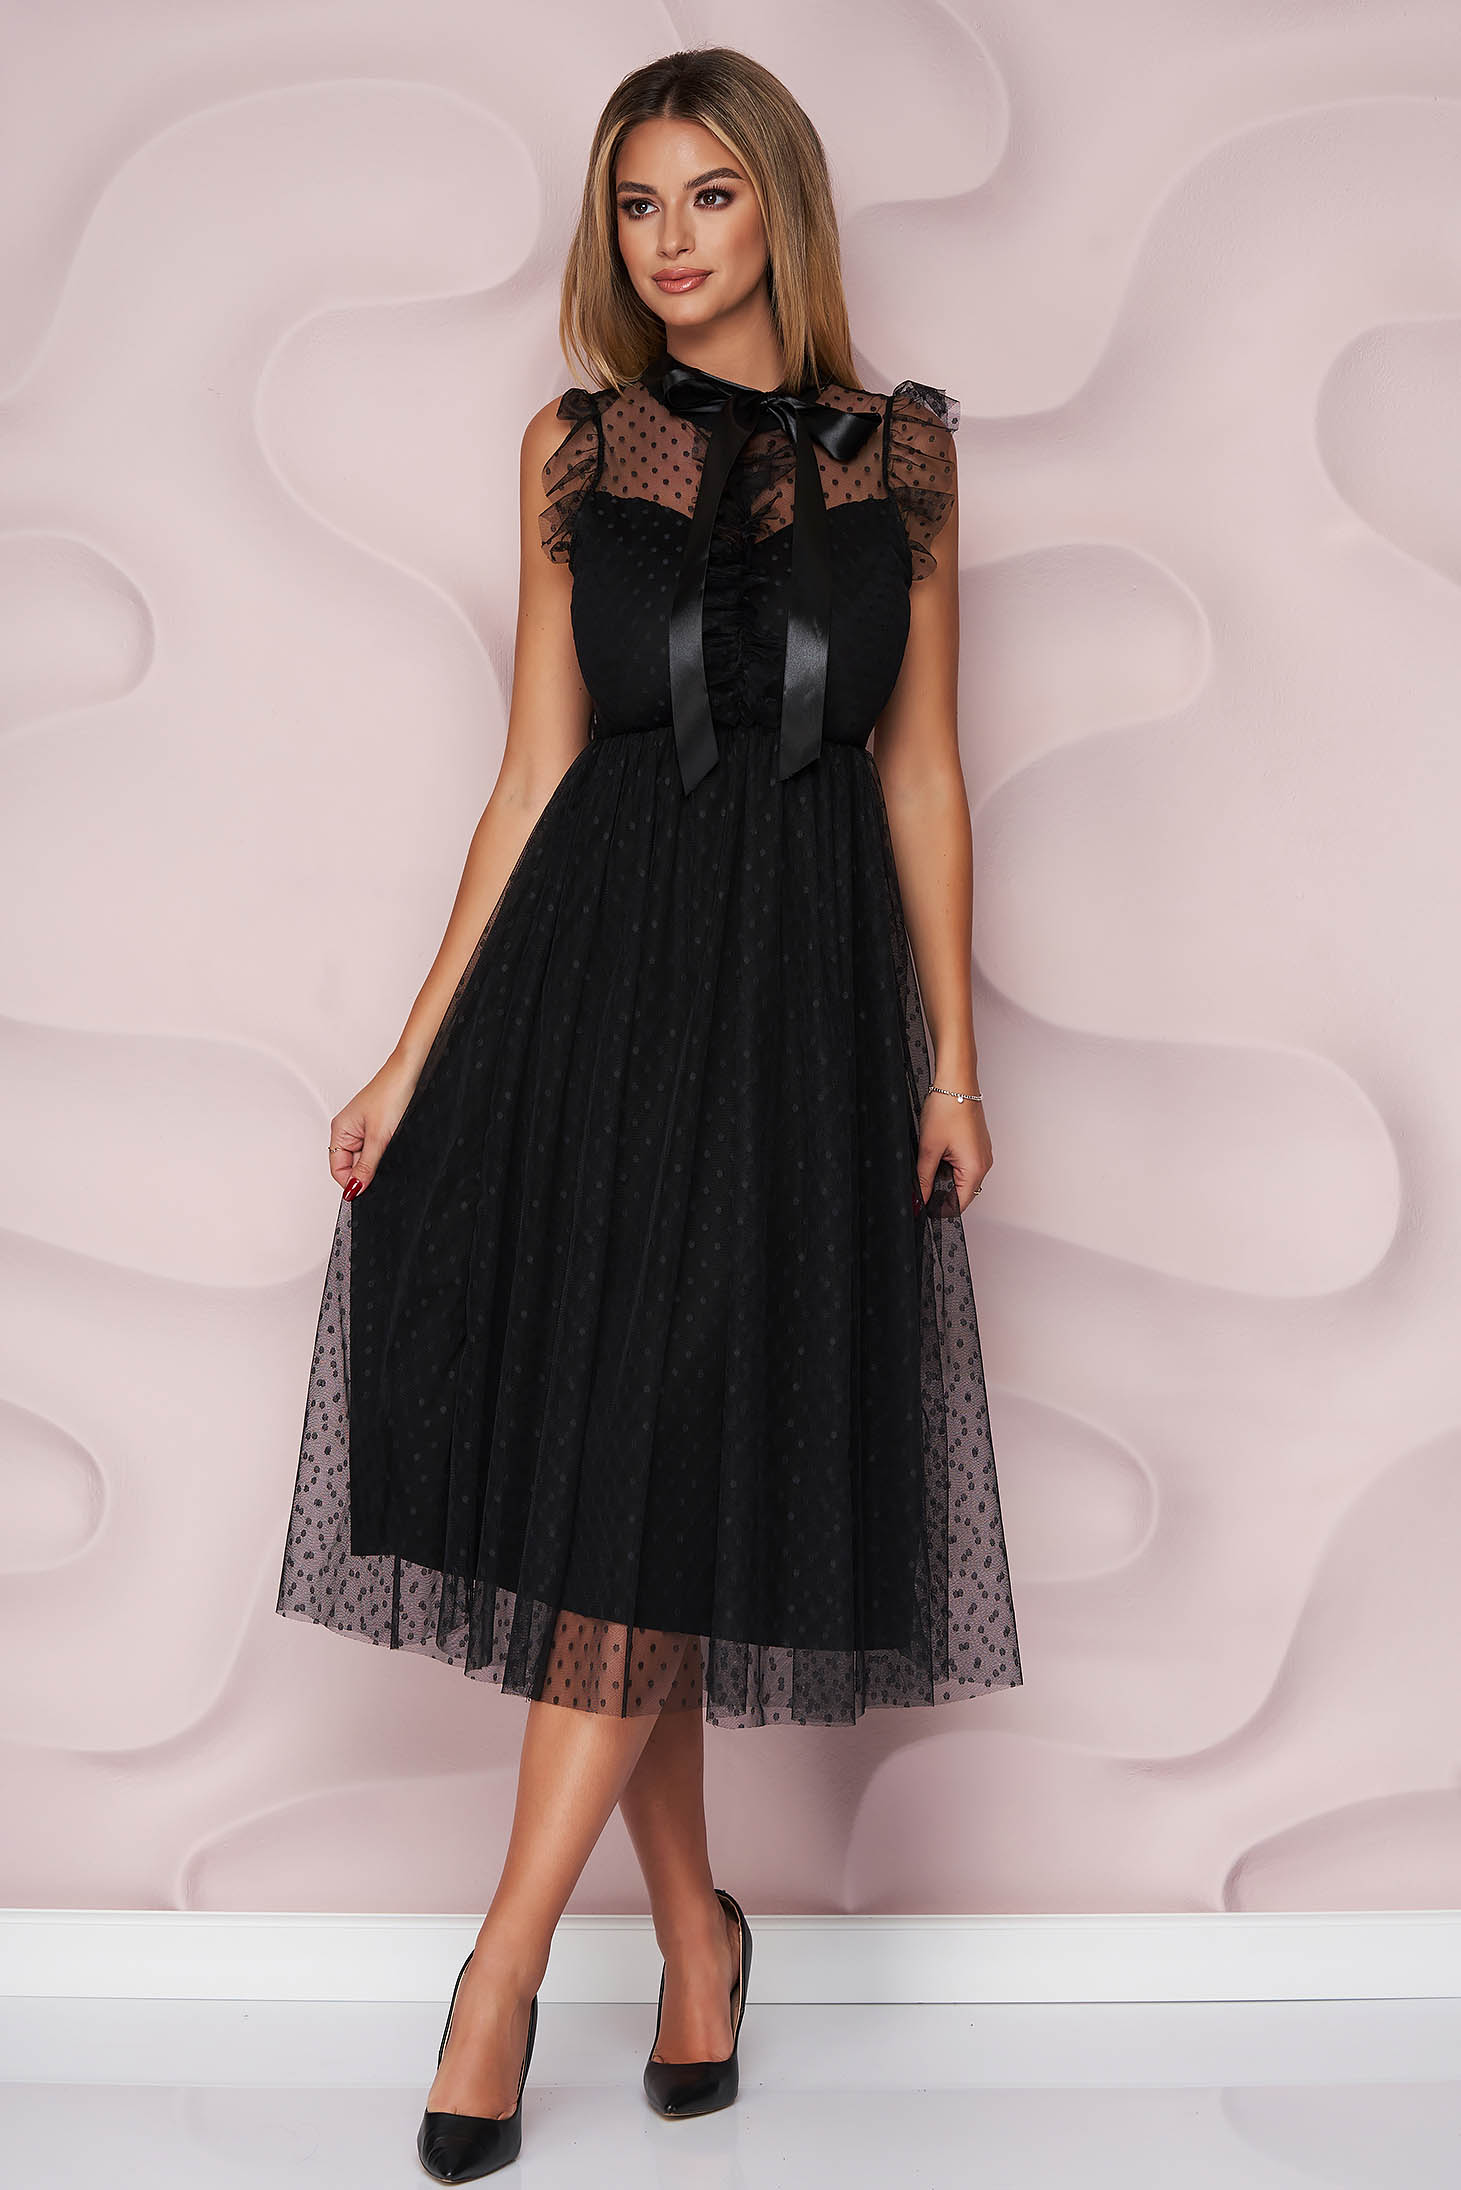 Rochie neagra midi de ocazie din tul in clos pe gat cu aplicatii din plumeti si volanase